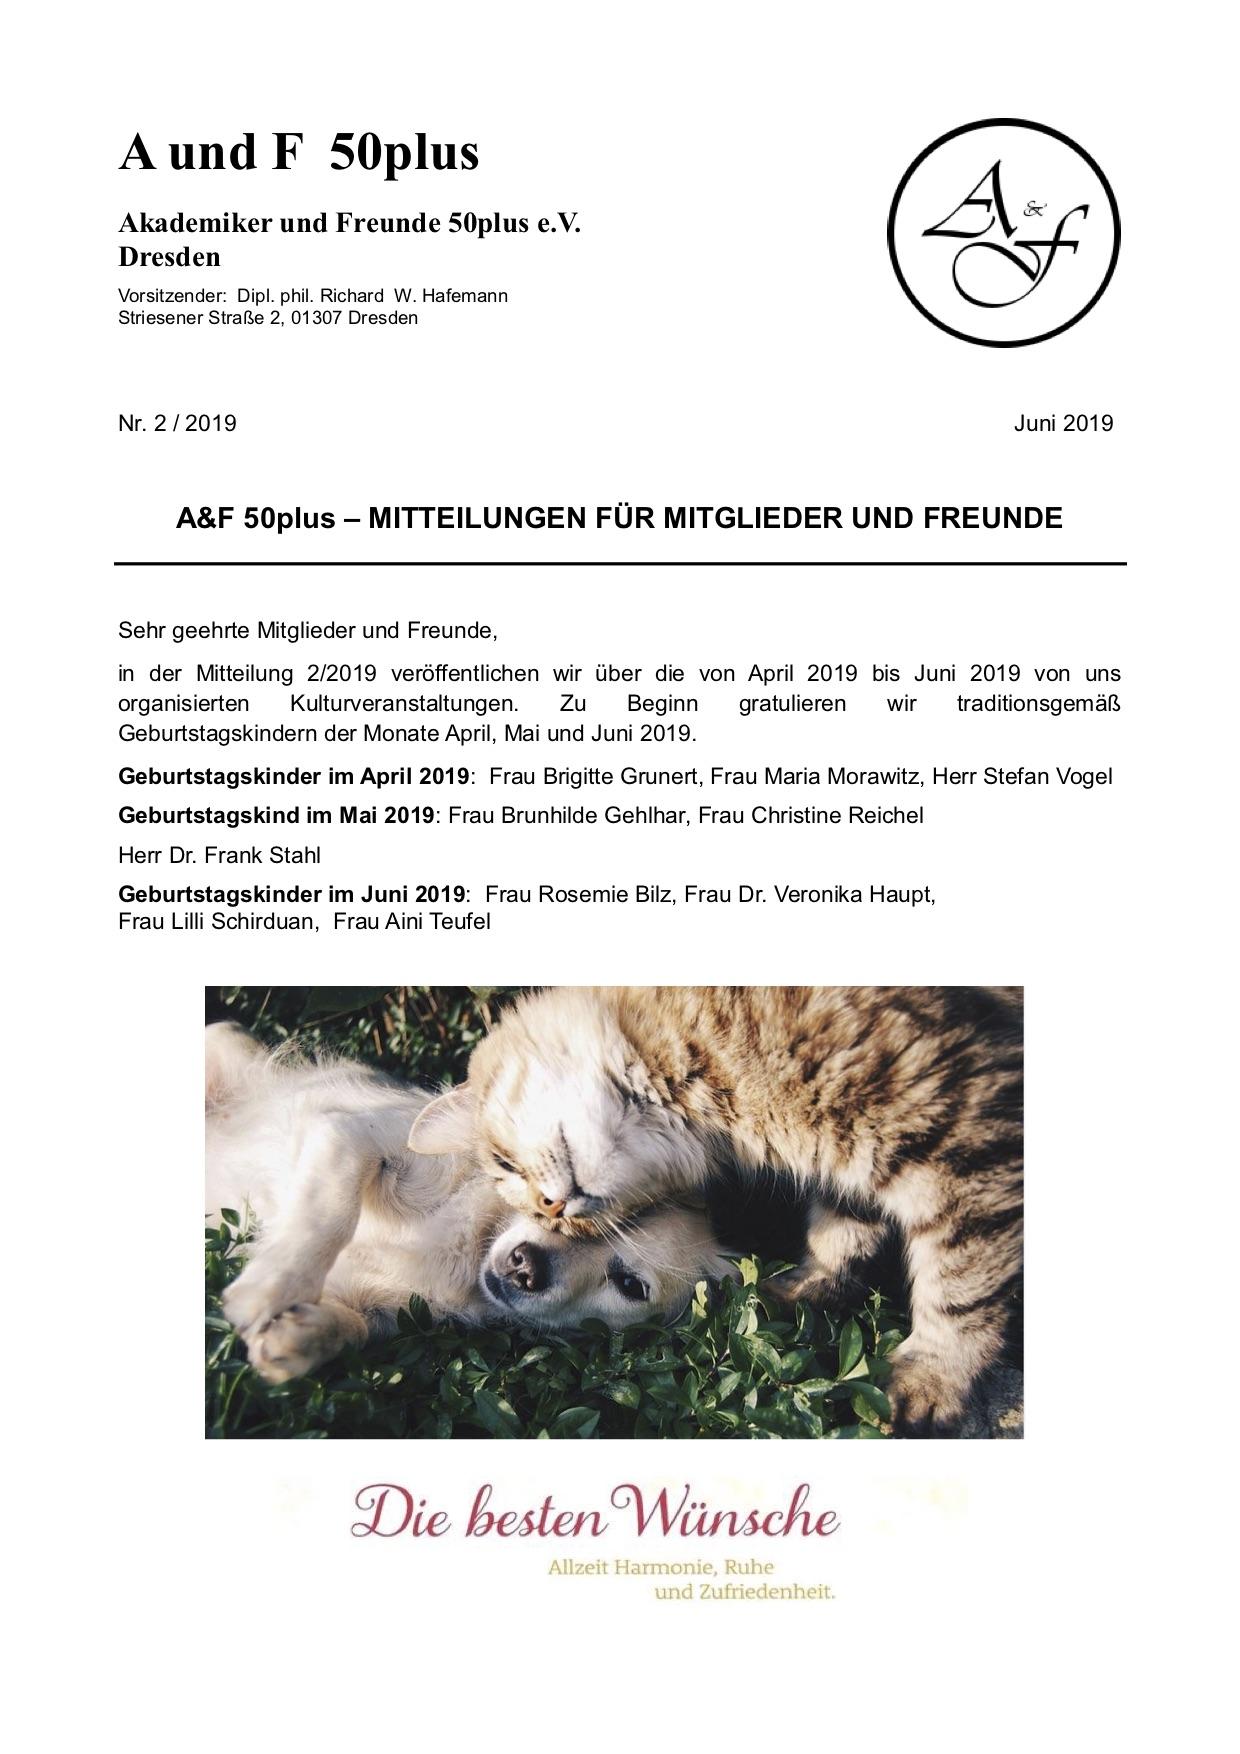 A&F-Mitteilung 2-2019